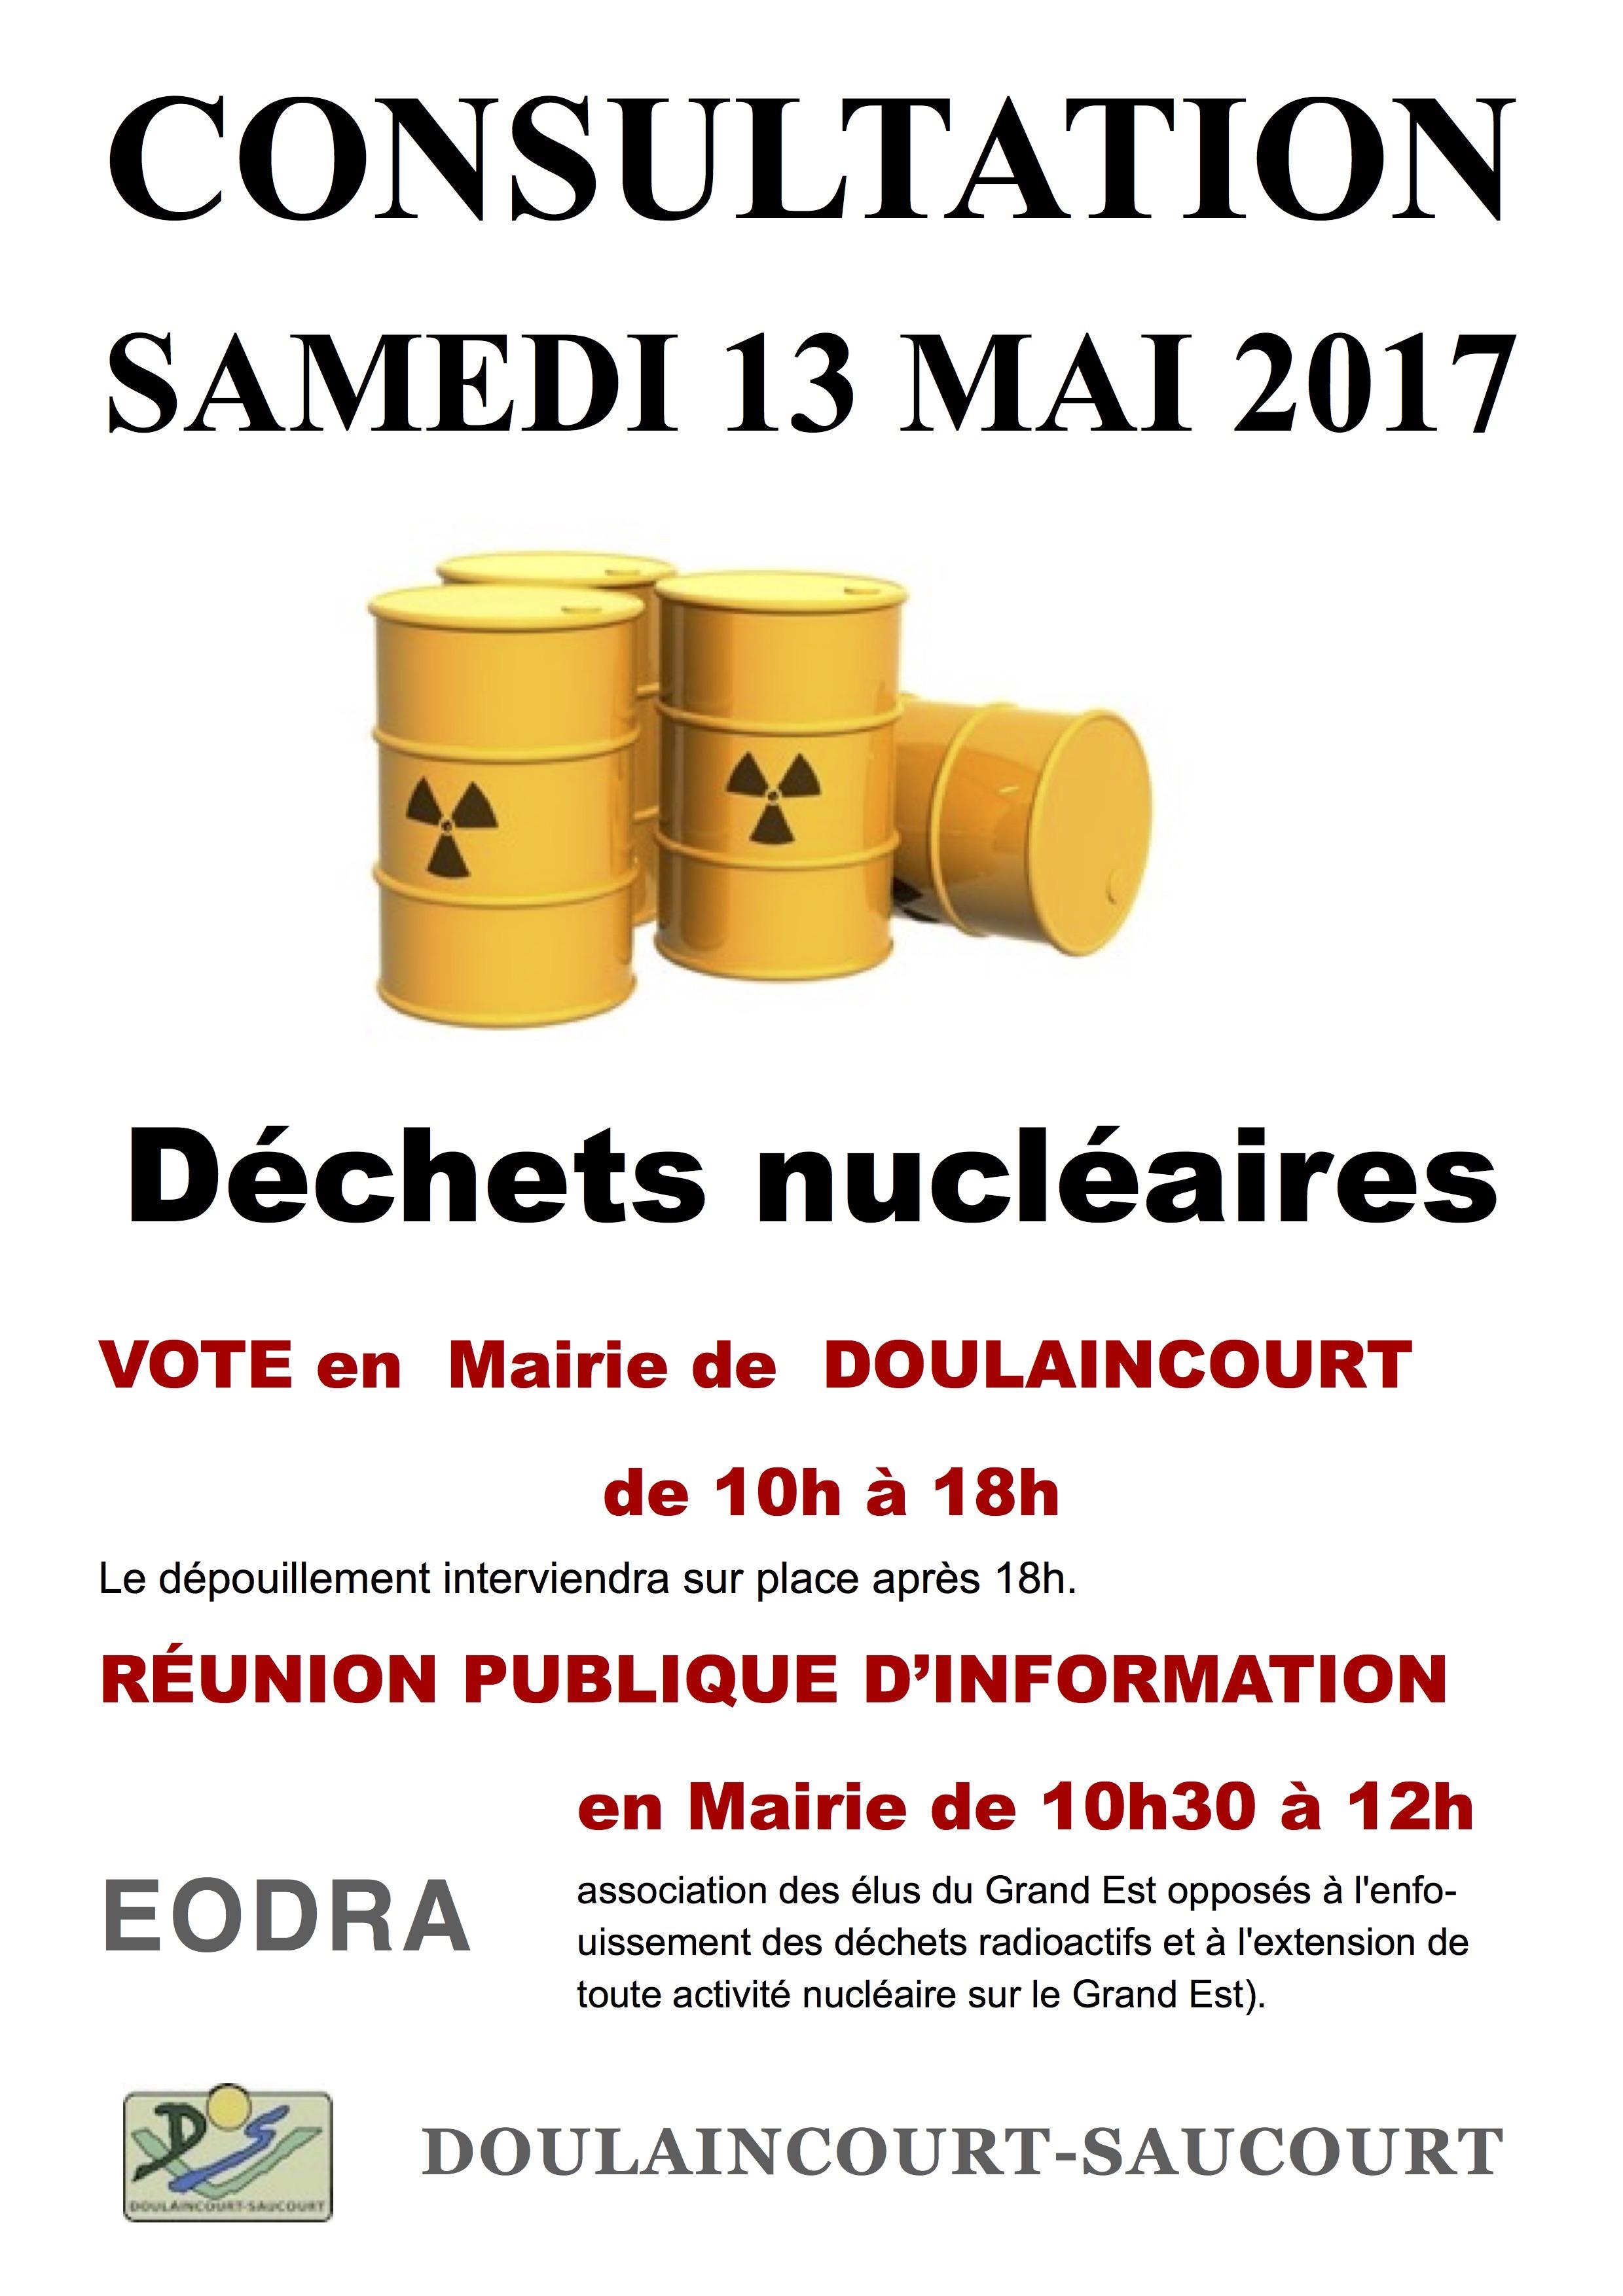 consultation-eodra-13-05-17